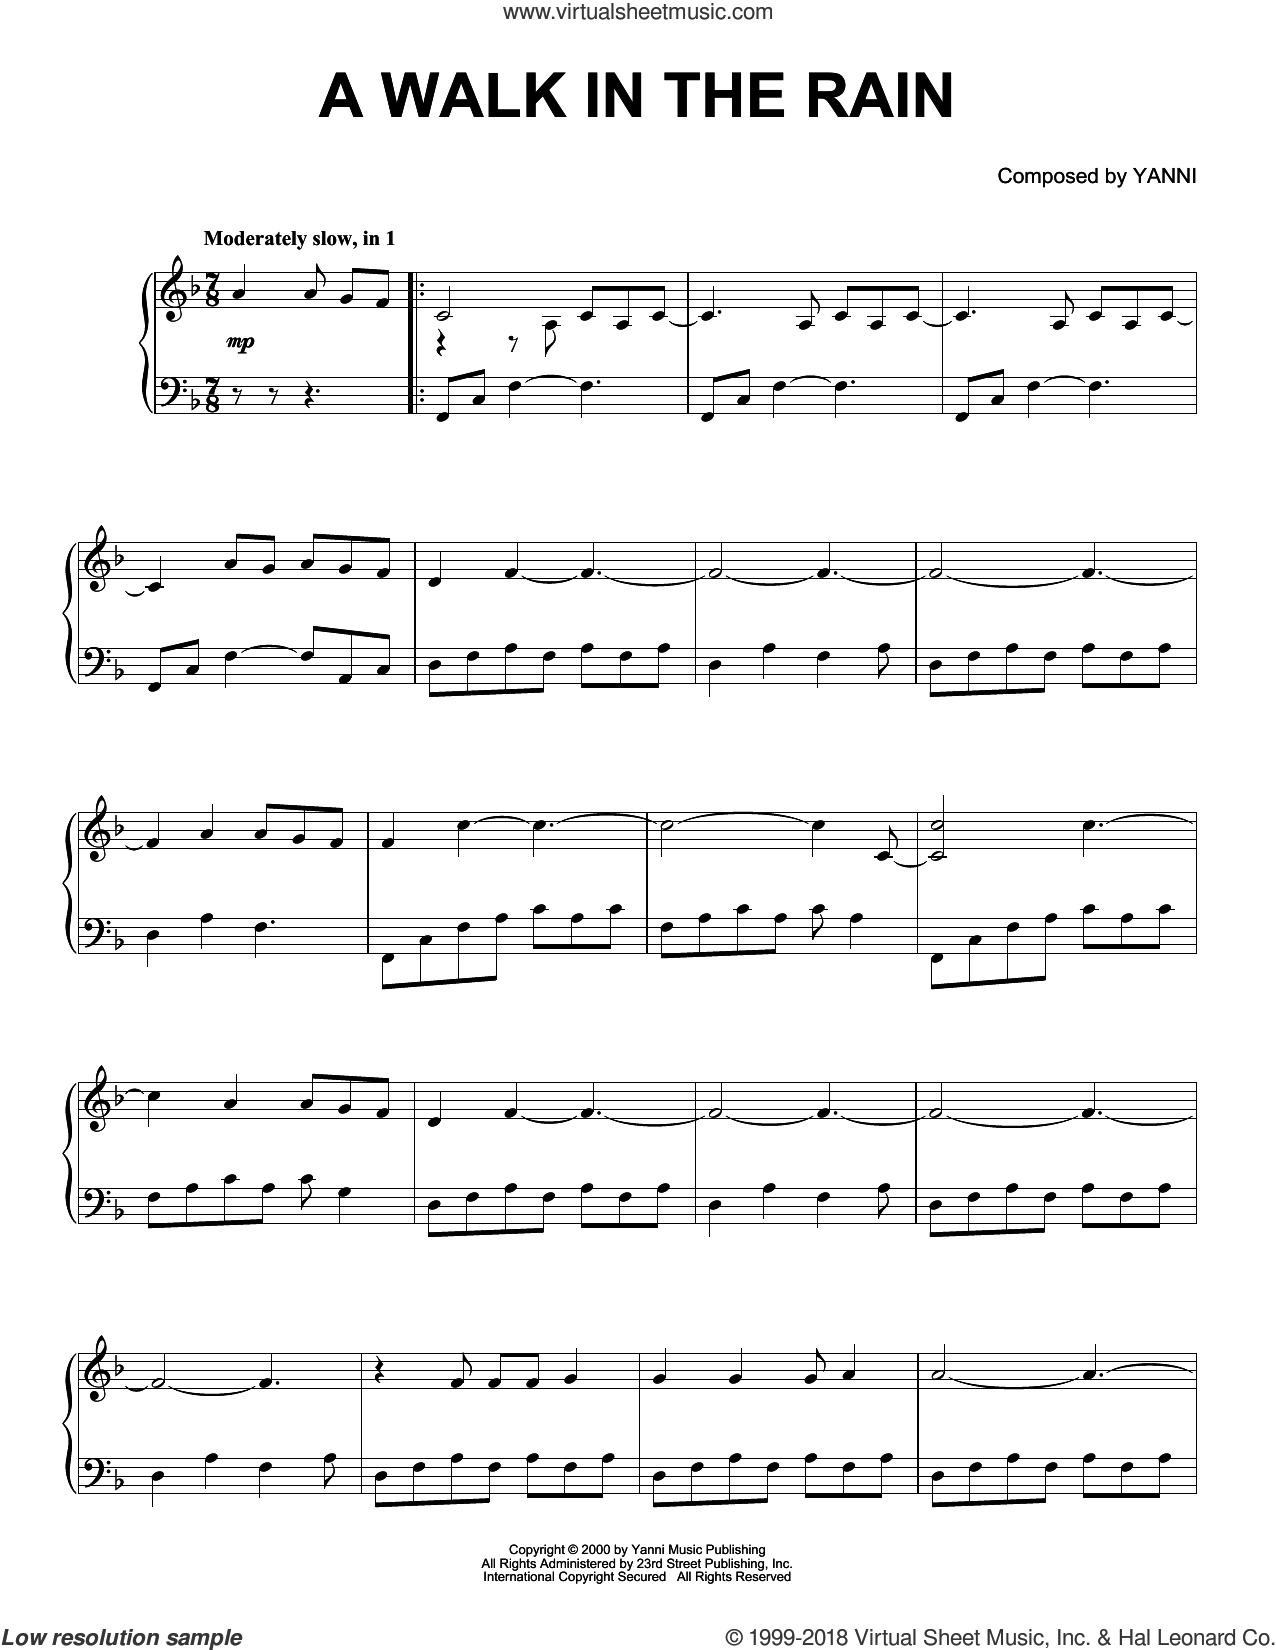 A Walk In The Rain sheet music for piano solo by Yanni, intermediate skill level